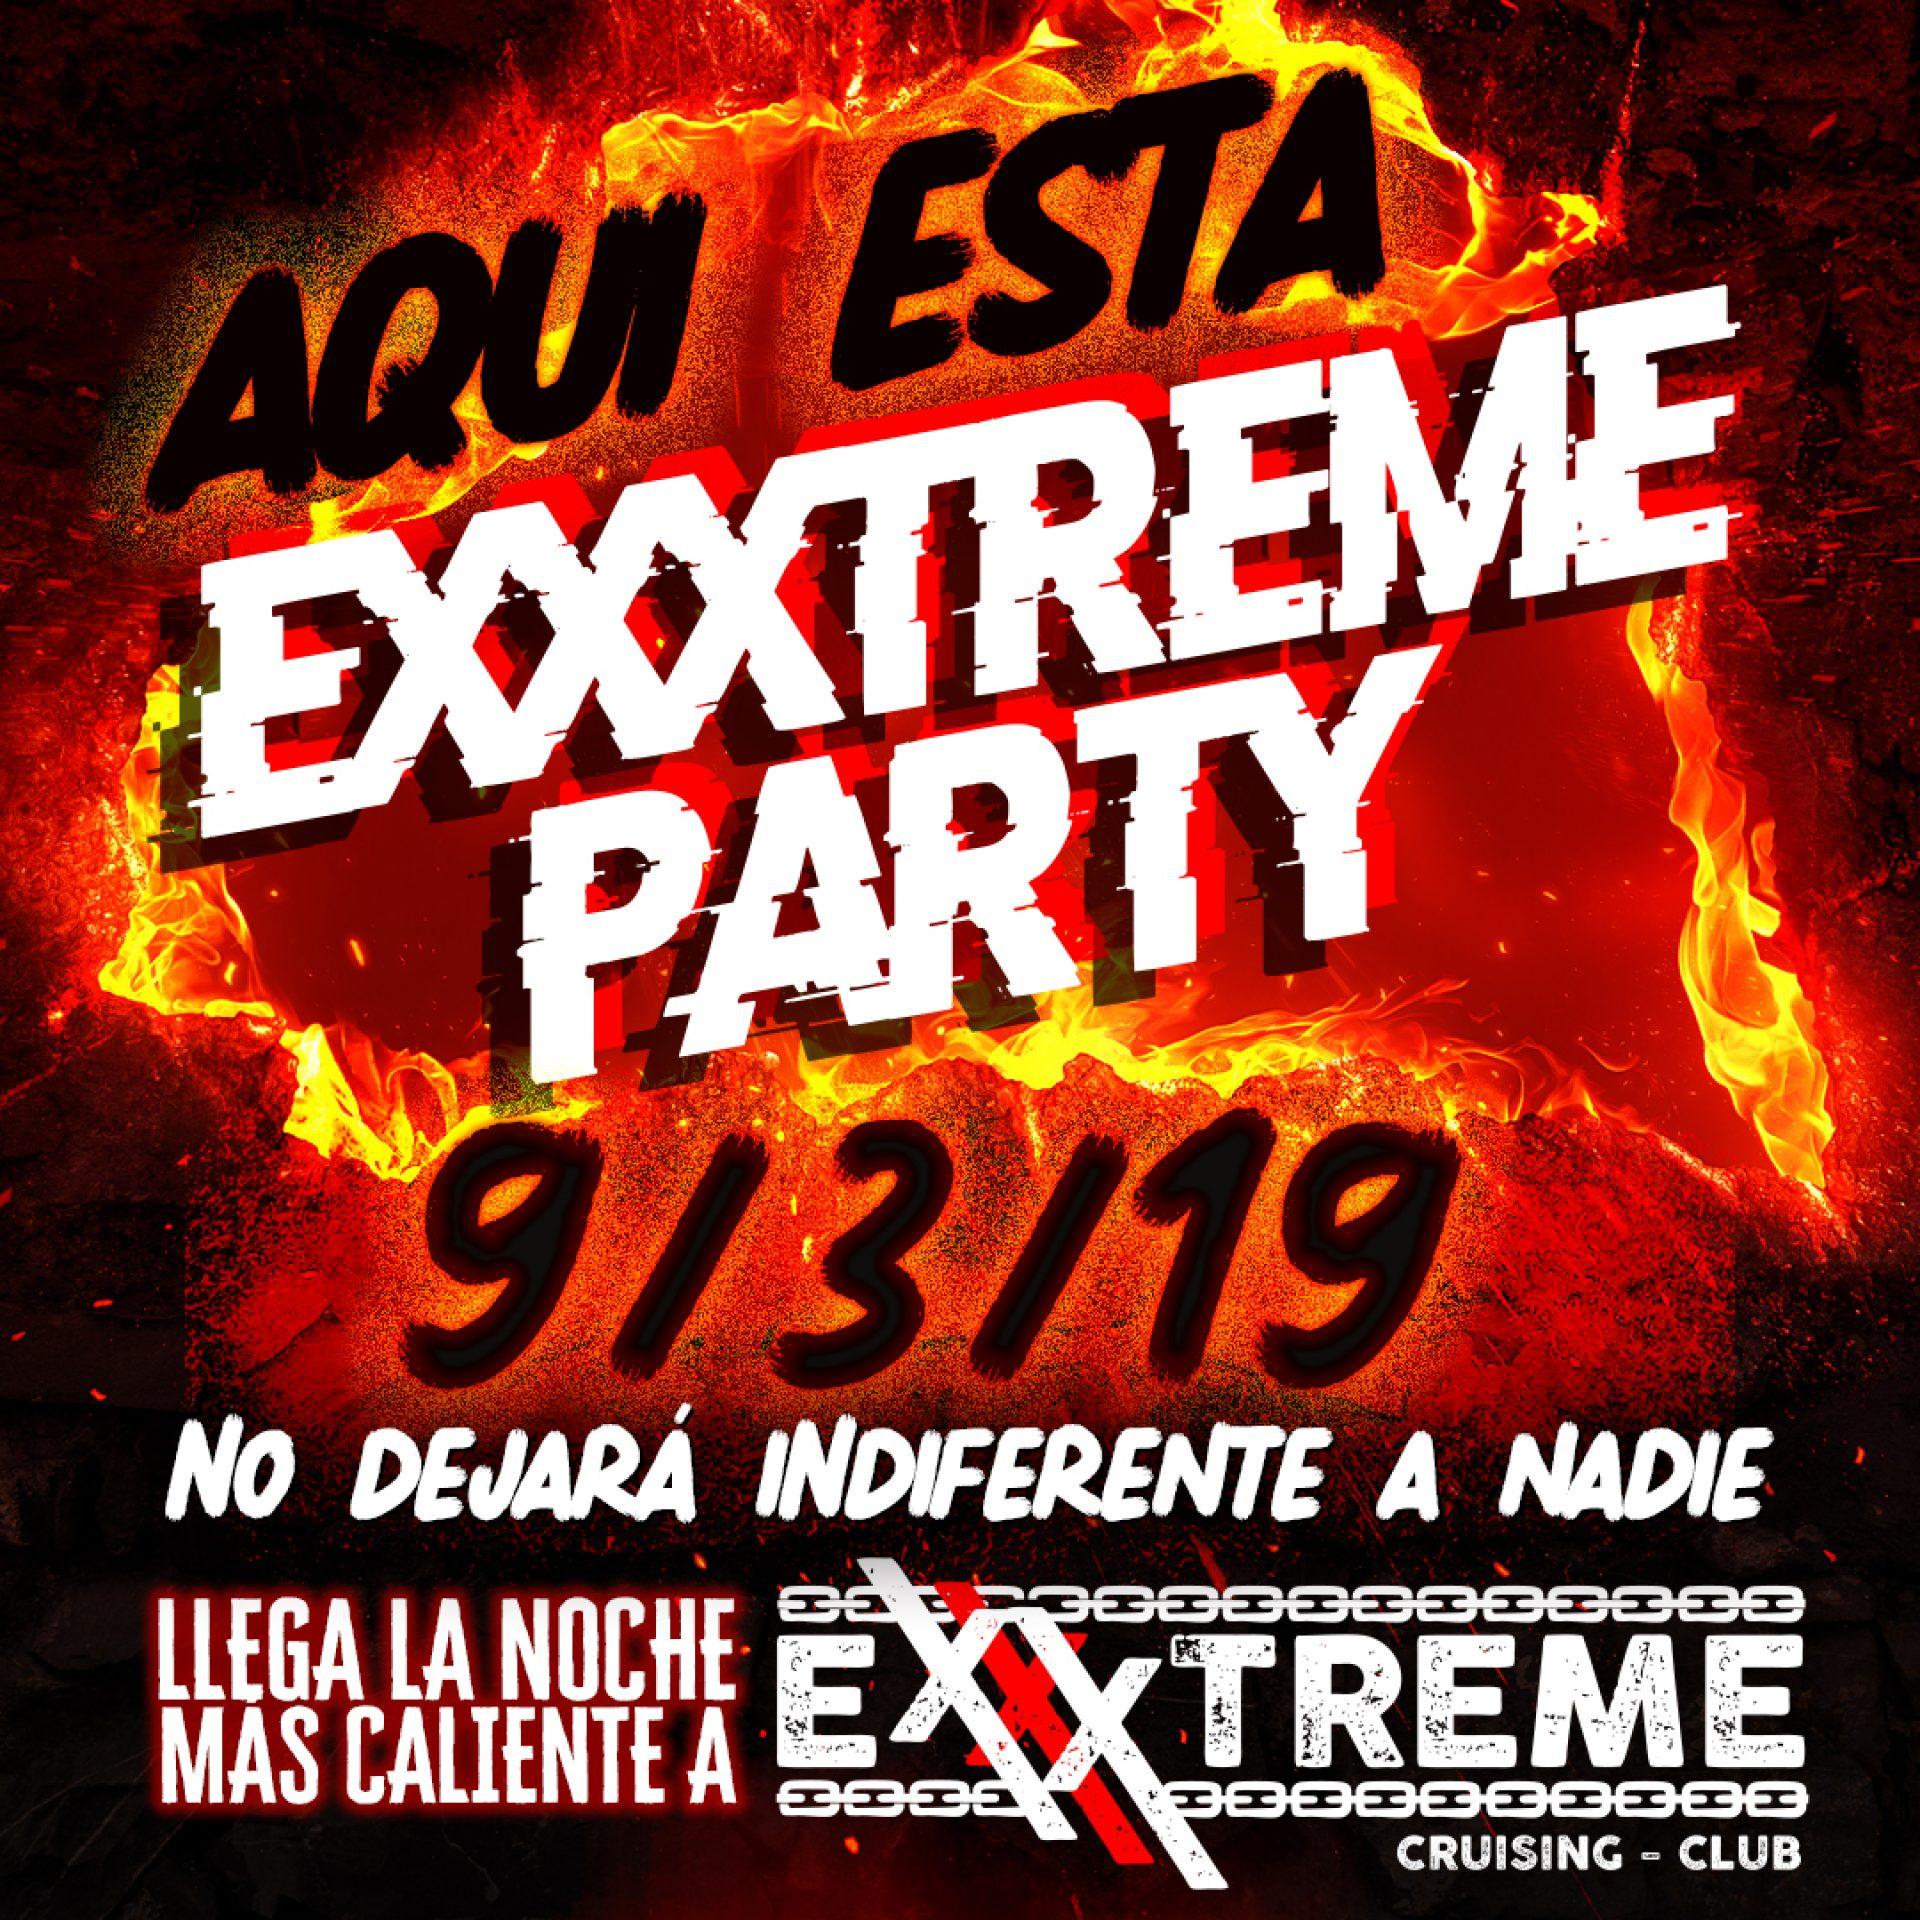 La fiesta exxxtrema ya está aquí